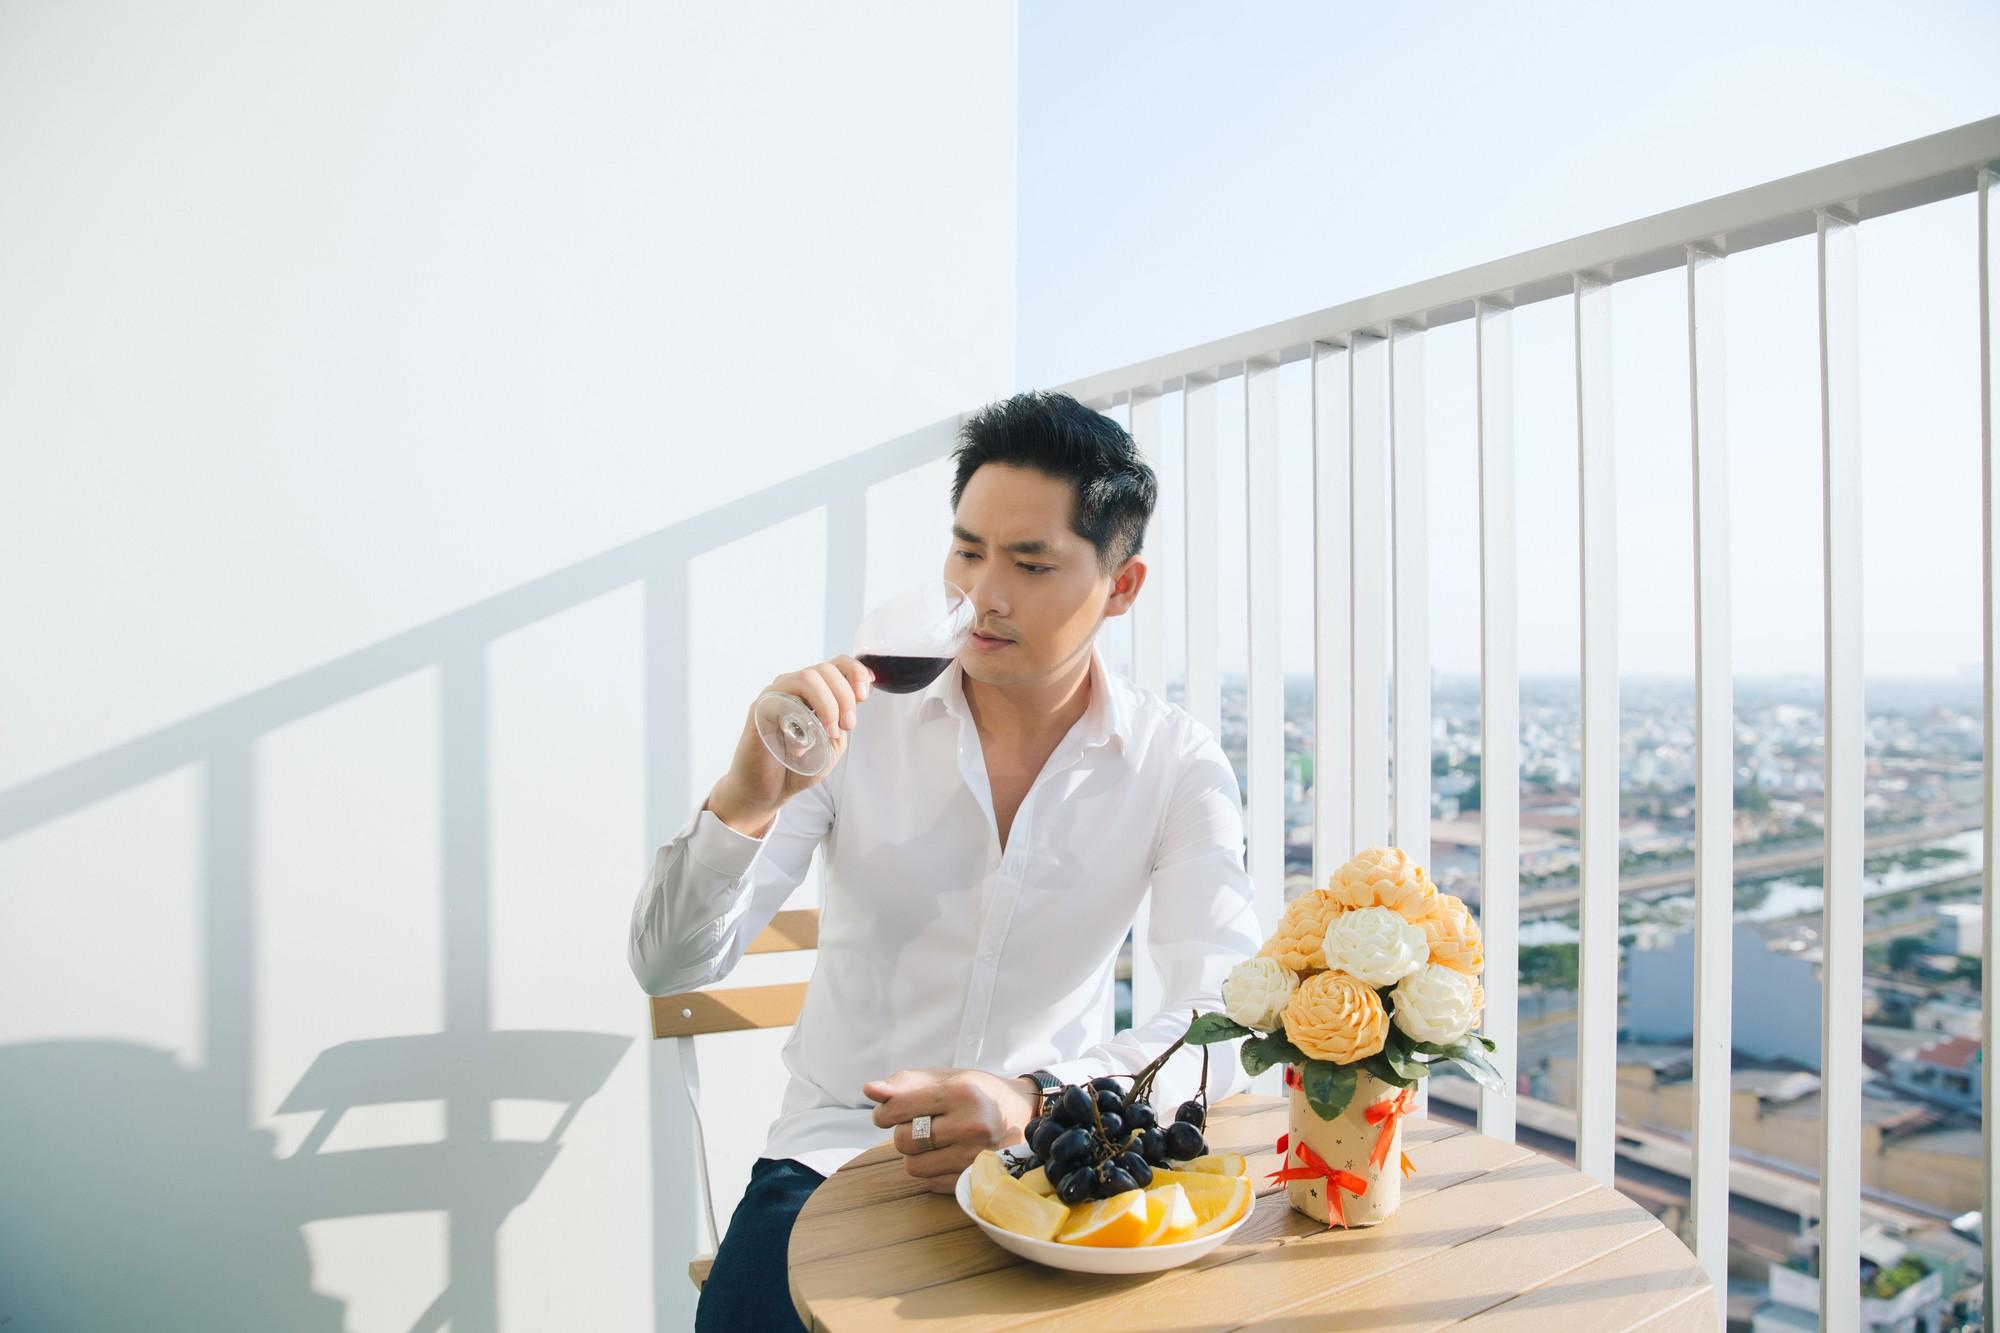 Diễn viên Minh Luân tự hào khoe căn hộ rộng 100 m2 sau 10 năm lập nghiệp ở TP HCM  - Ảnh 7.